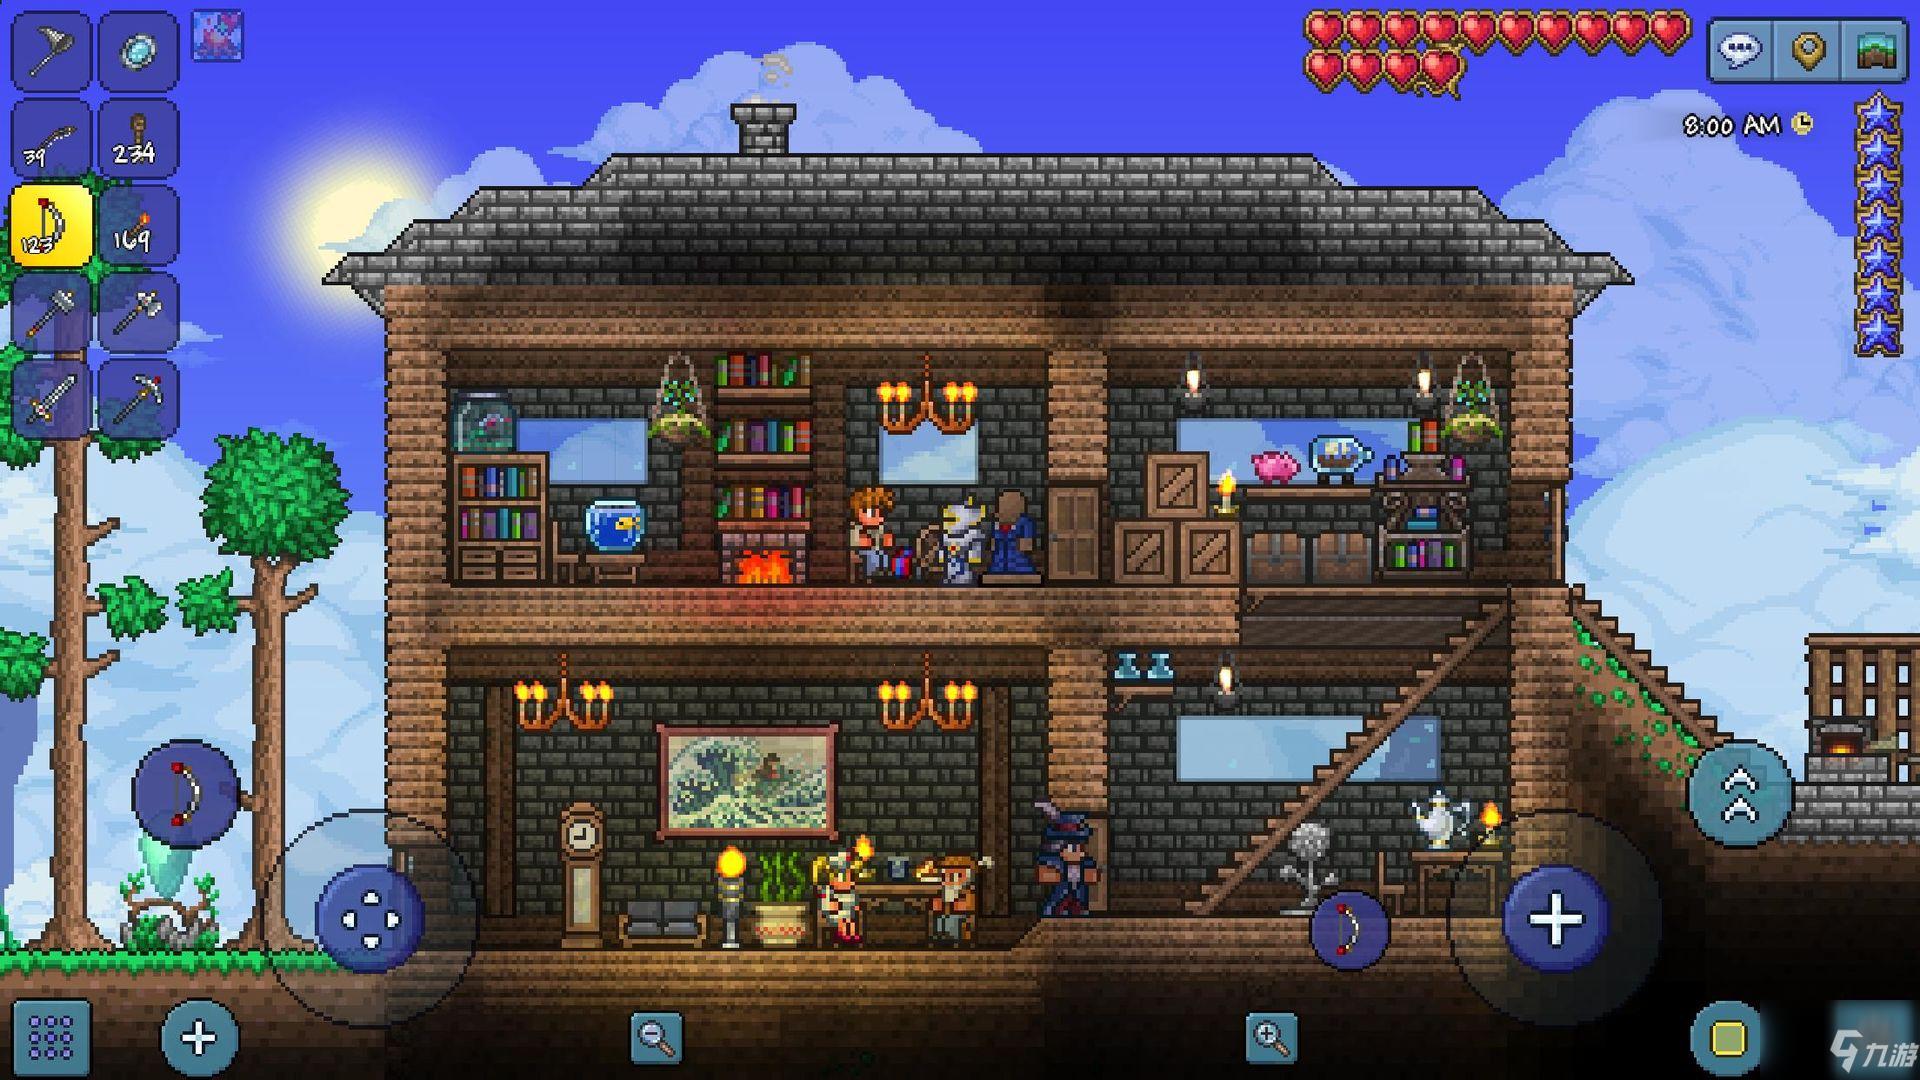 泰拉瑞亚蘑菇人的房子怎么造